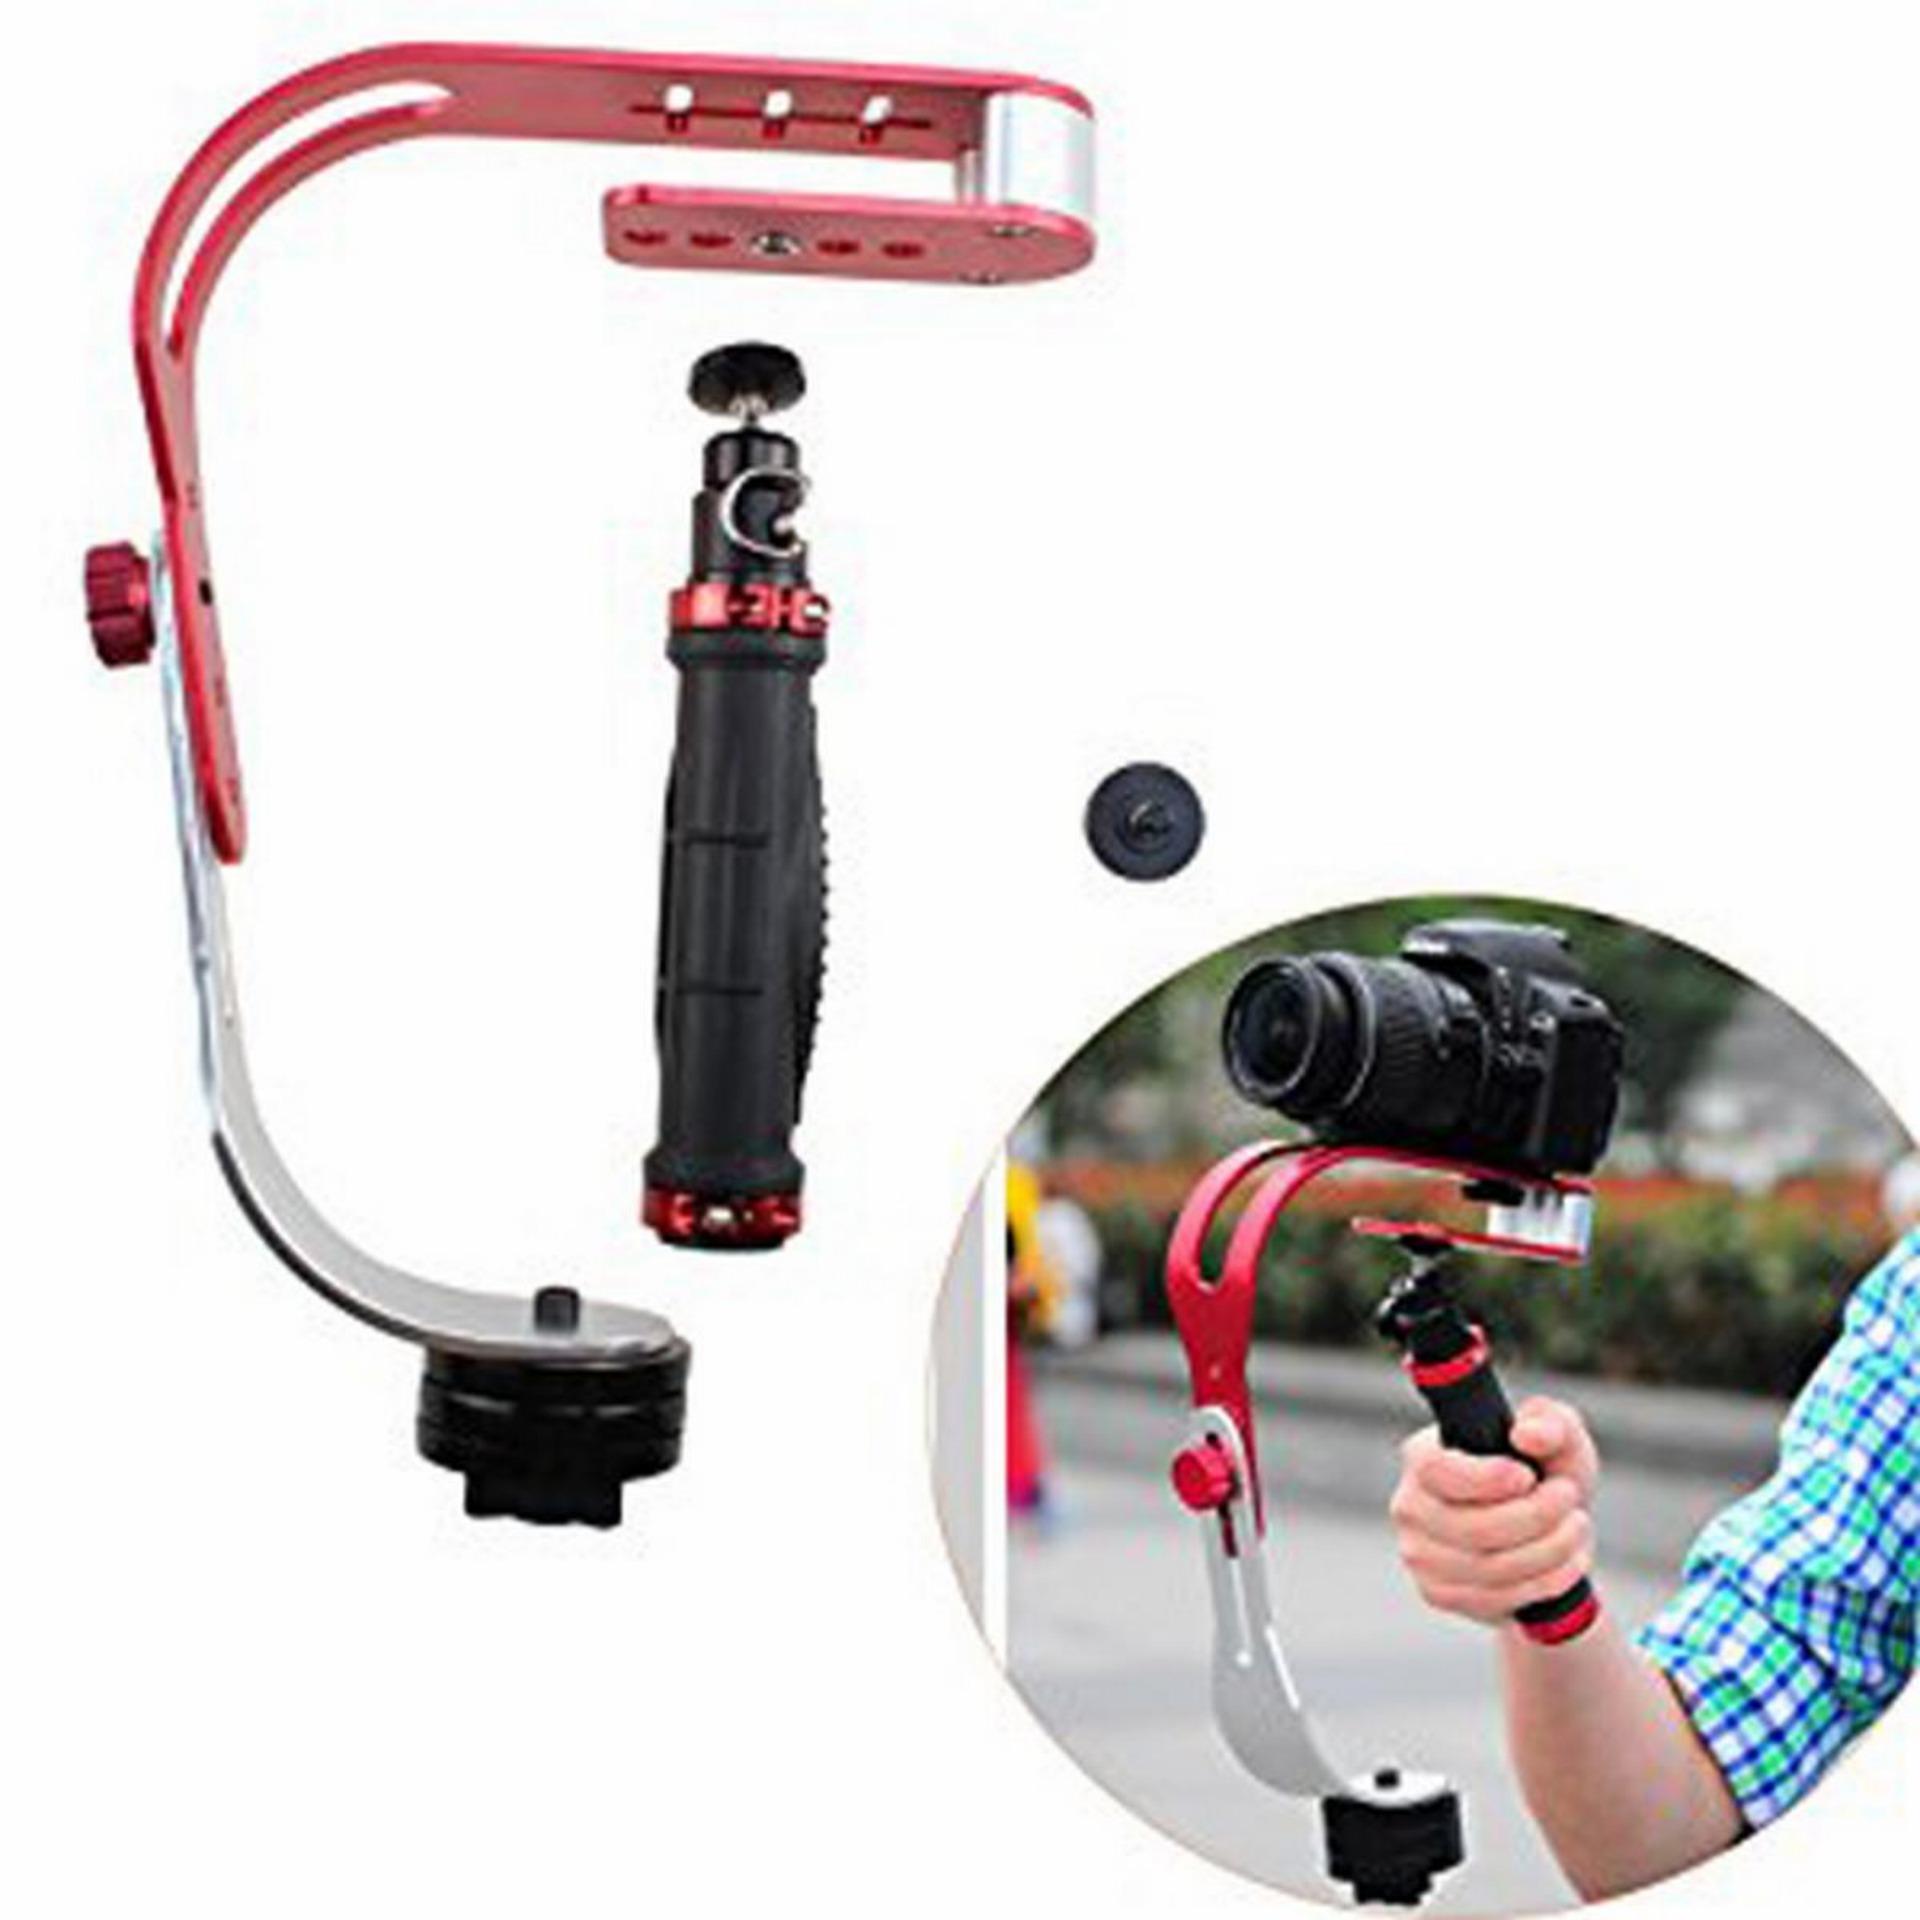 Hình ảnh Tay cầm chống rung Stabilizer cho điện thoại, camera hành trình (Đỏ trắng)